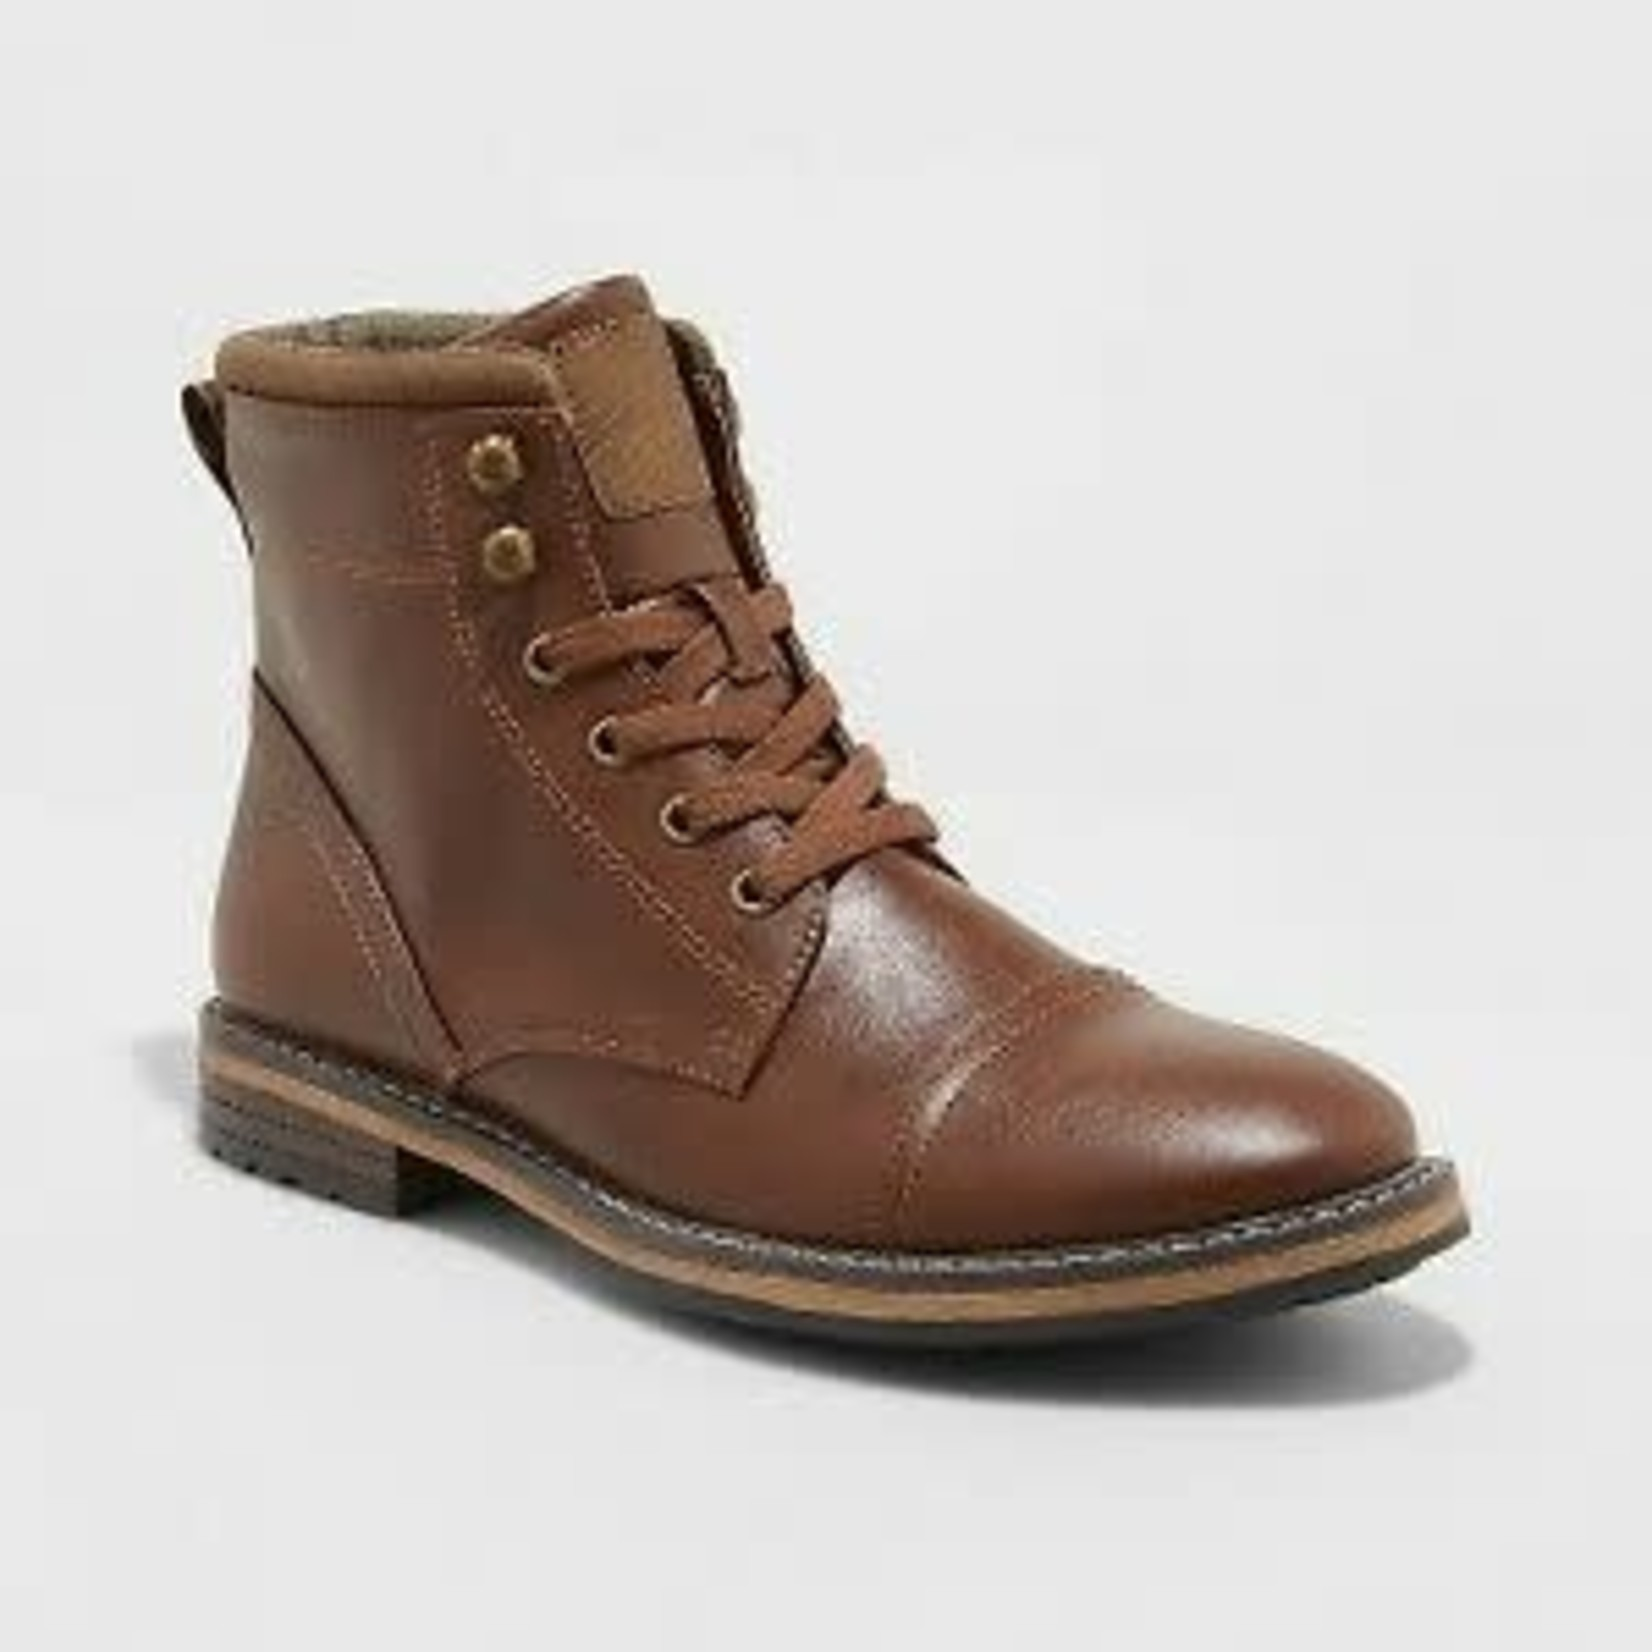 Men's Jeffrey Cap Toe Combat Boots - Goodfellow & Co - Brown - 13